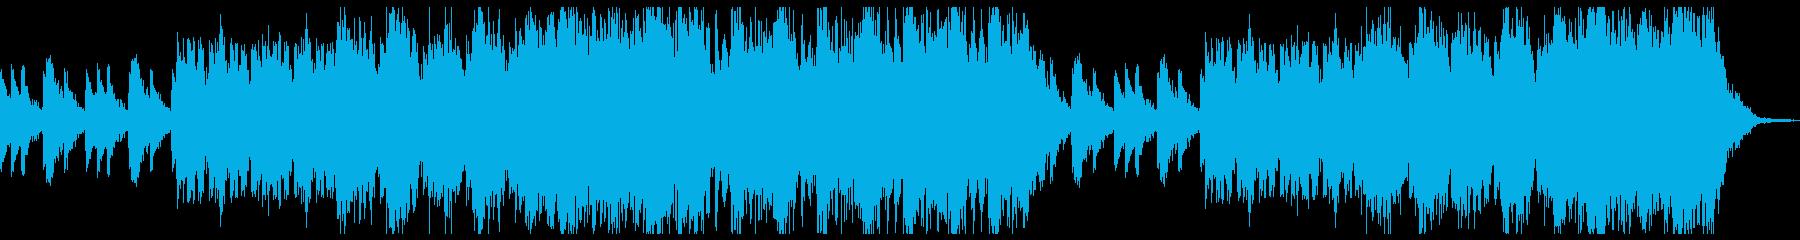 煽られるような勢いを増すBGMの再生済みの波形